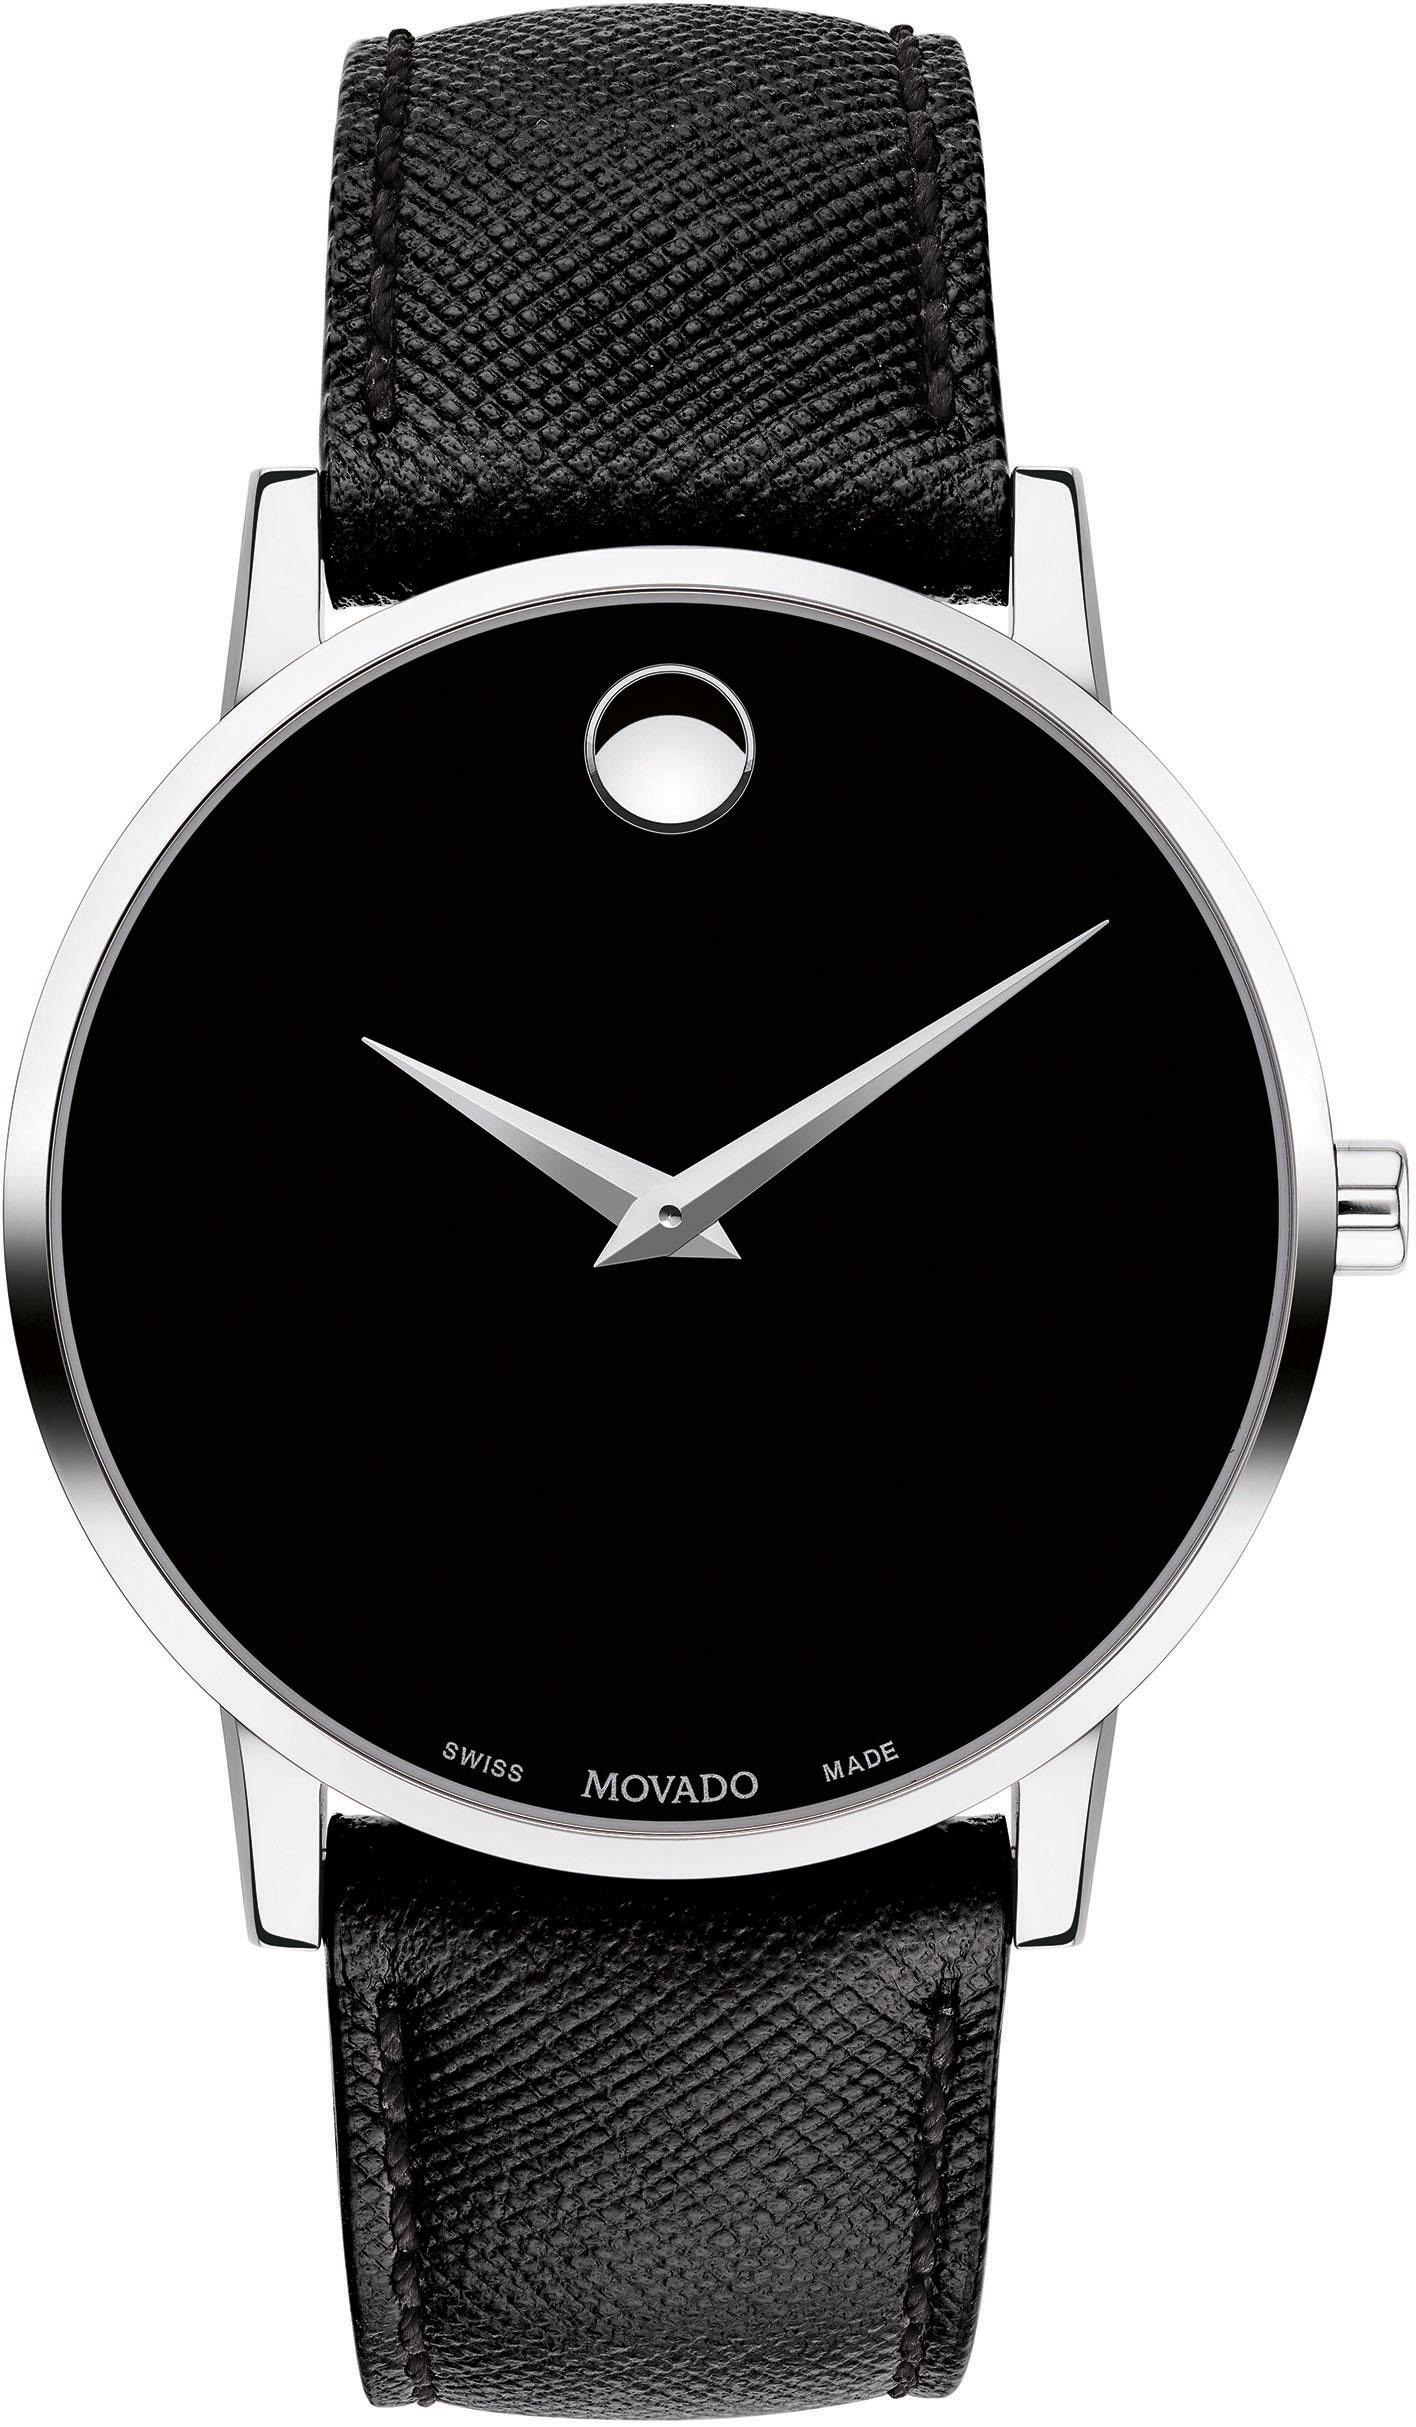 MOVADO Schweizer Uhr MUSEUM 607194 | Uhren > Schweizer Uhren | Schwarz | Movado